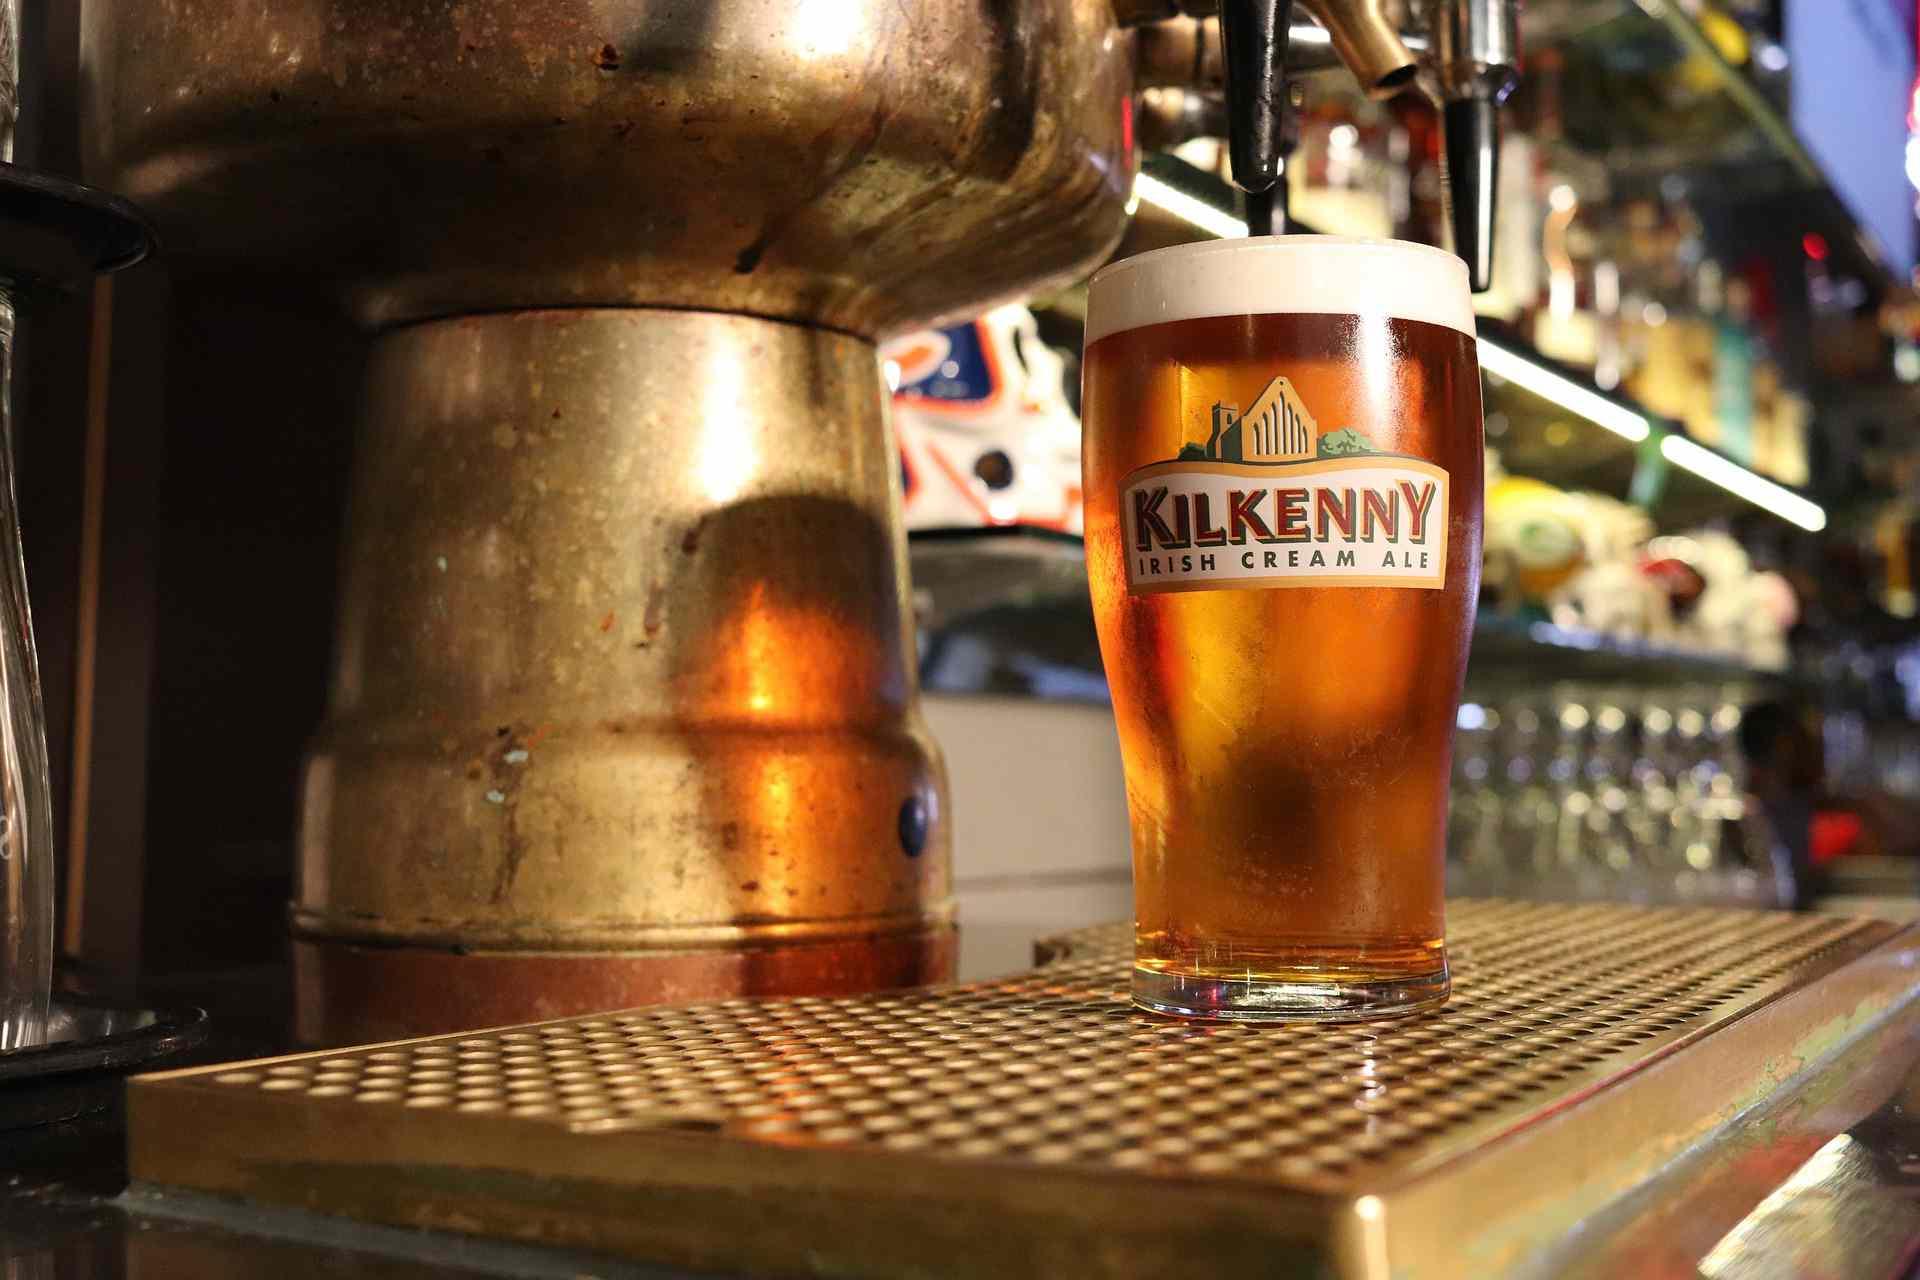 pint of Kilkenny beer